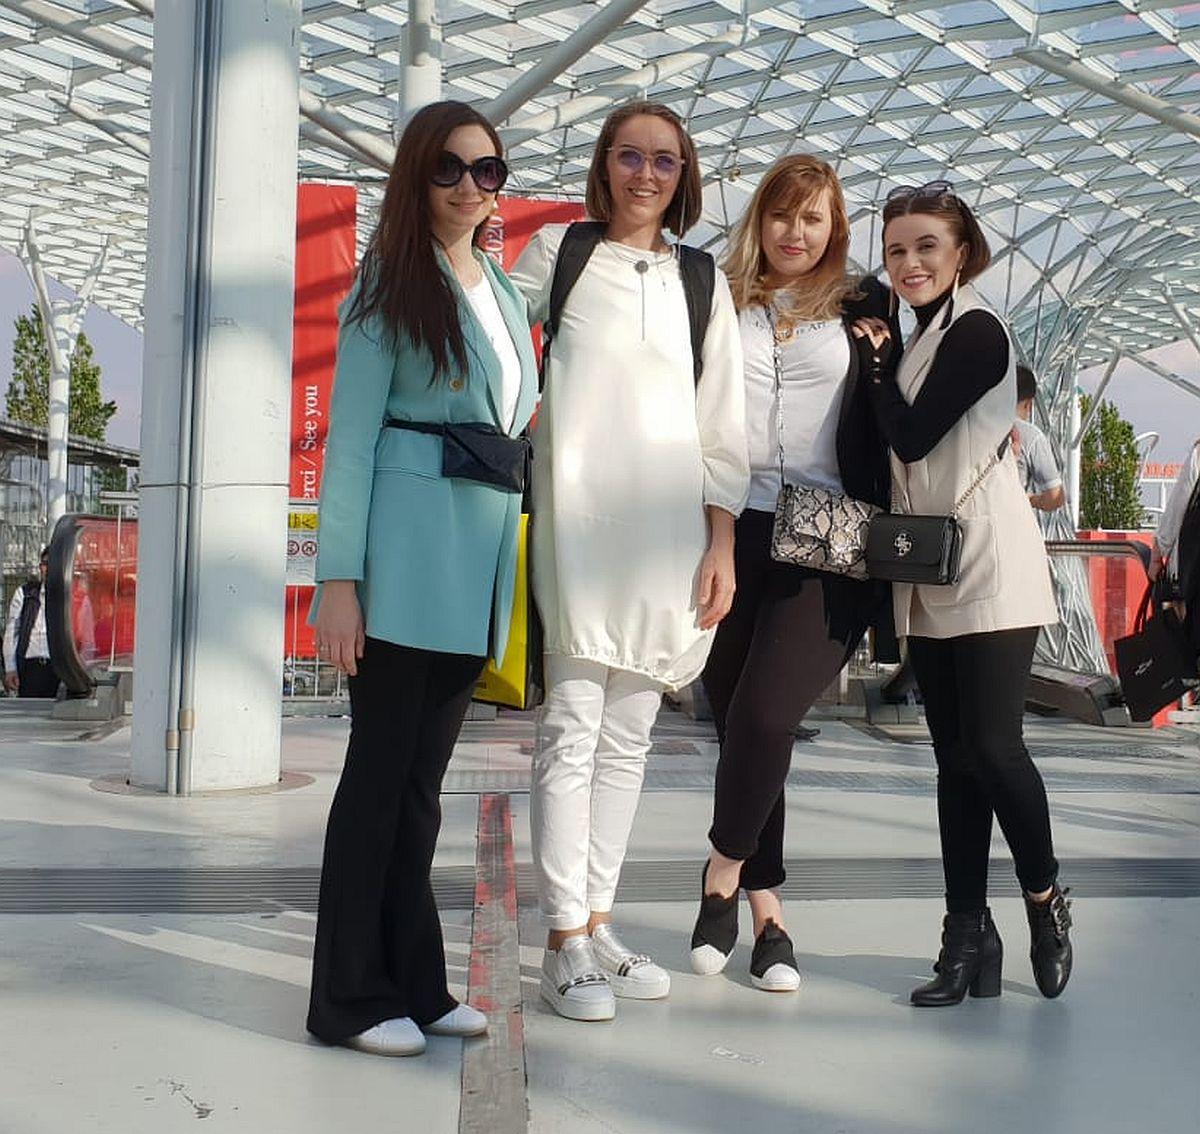 La ediția din 2019 a Salone del Mobile le-am avut alături pe colegele mele de la biroul nostru de design și arhitectură. În stânga mea, arh. Andreea Beșliu, în drepata mea arh. Georgiana Anița și designerul de interior Corina Manea.